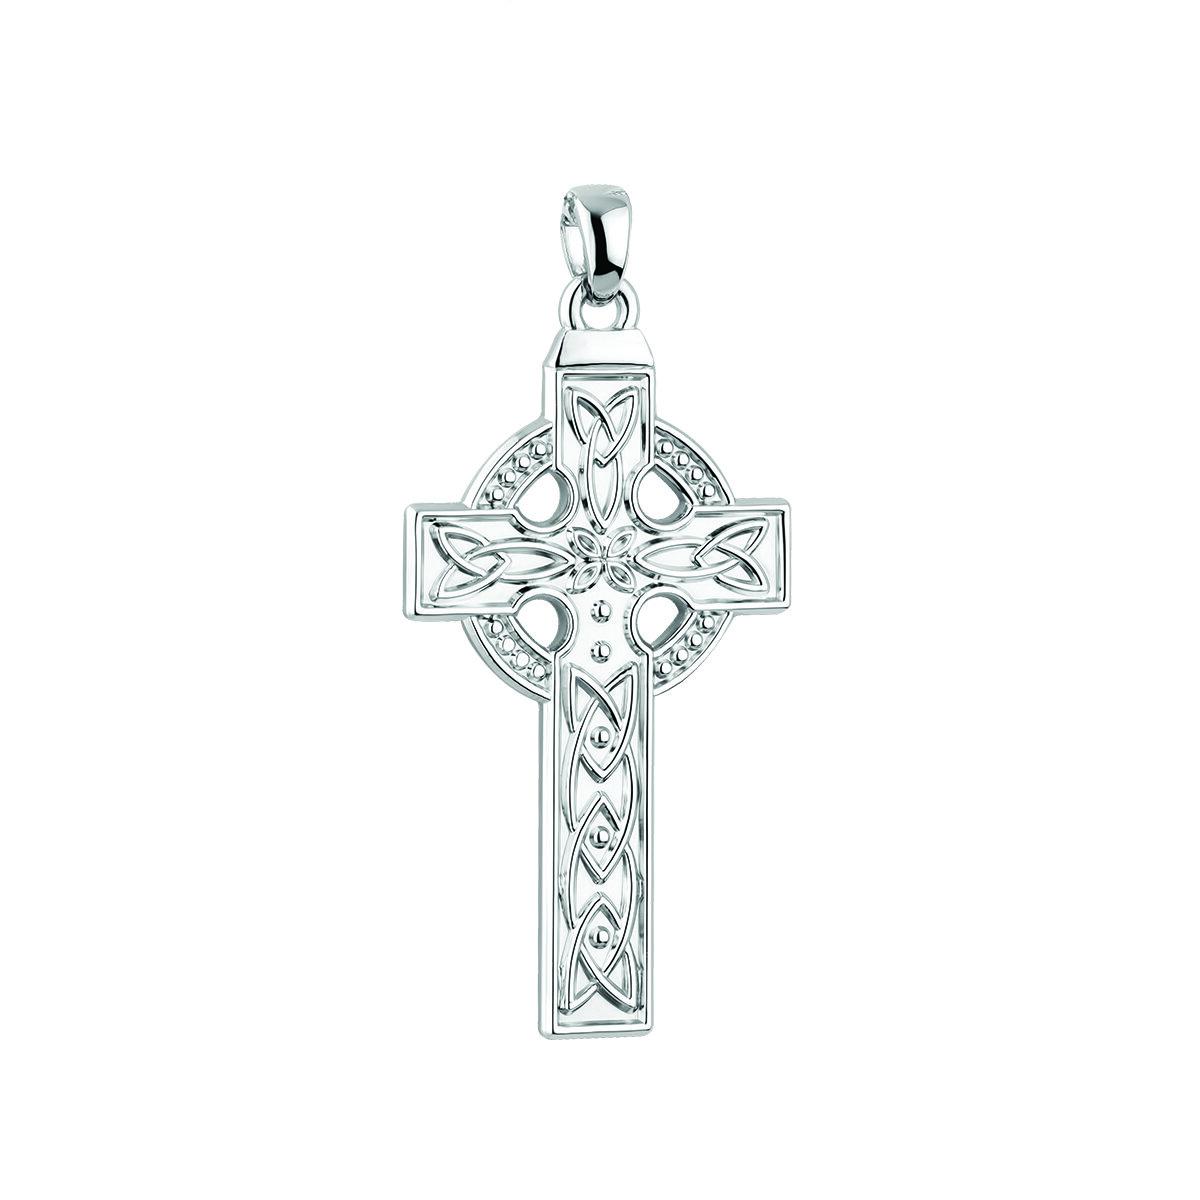 14k white gold large celtic cross charm s8814 from Solvar